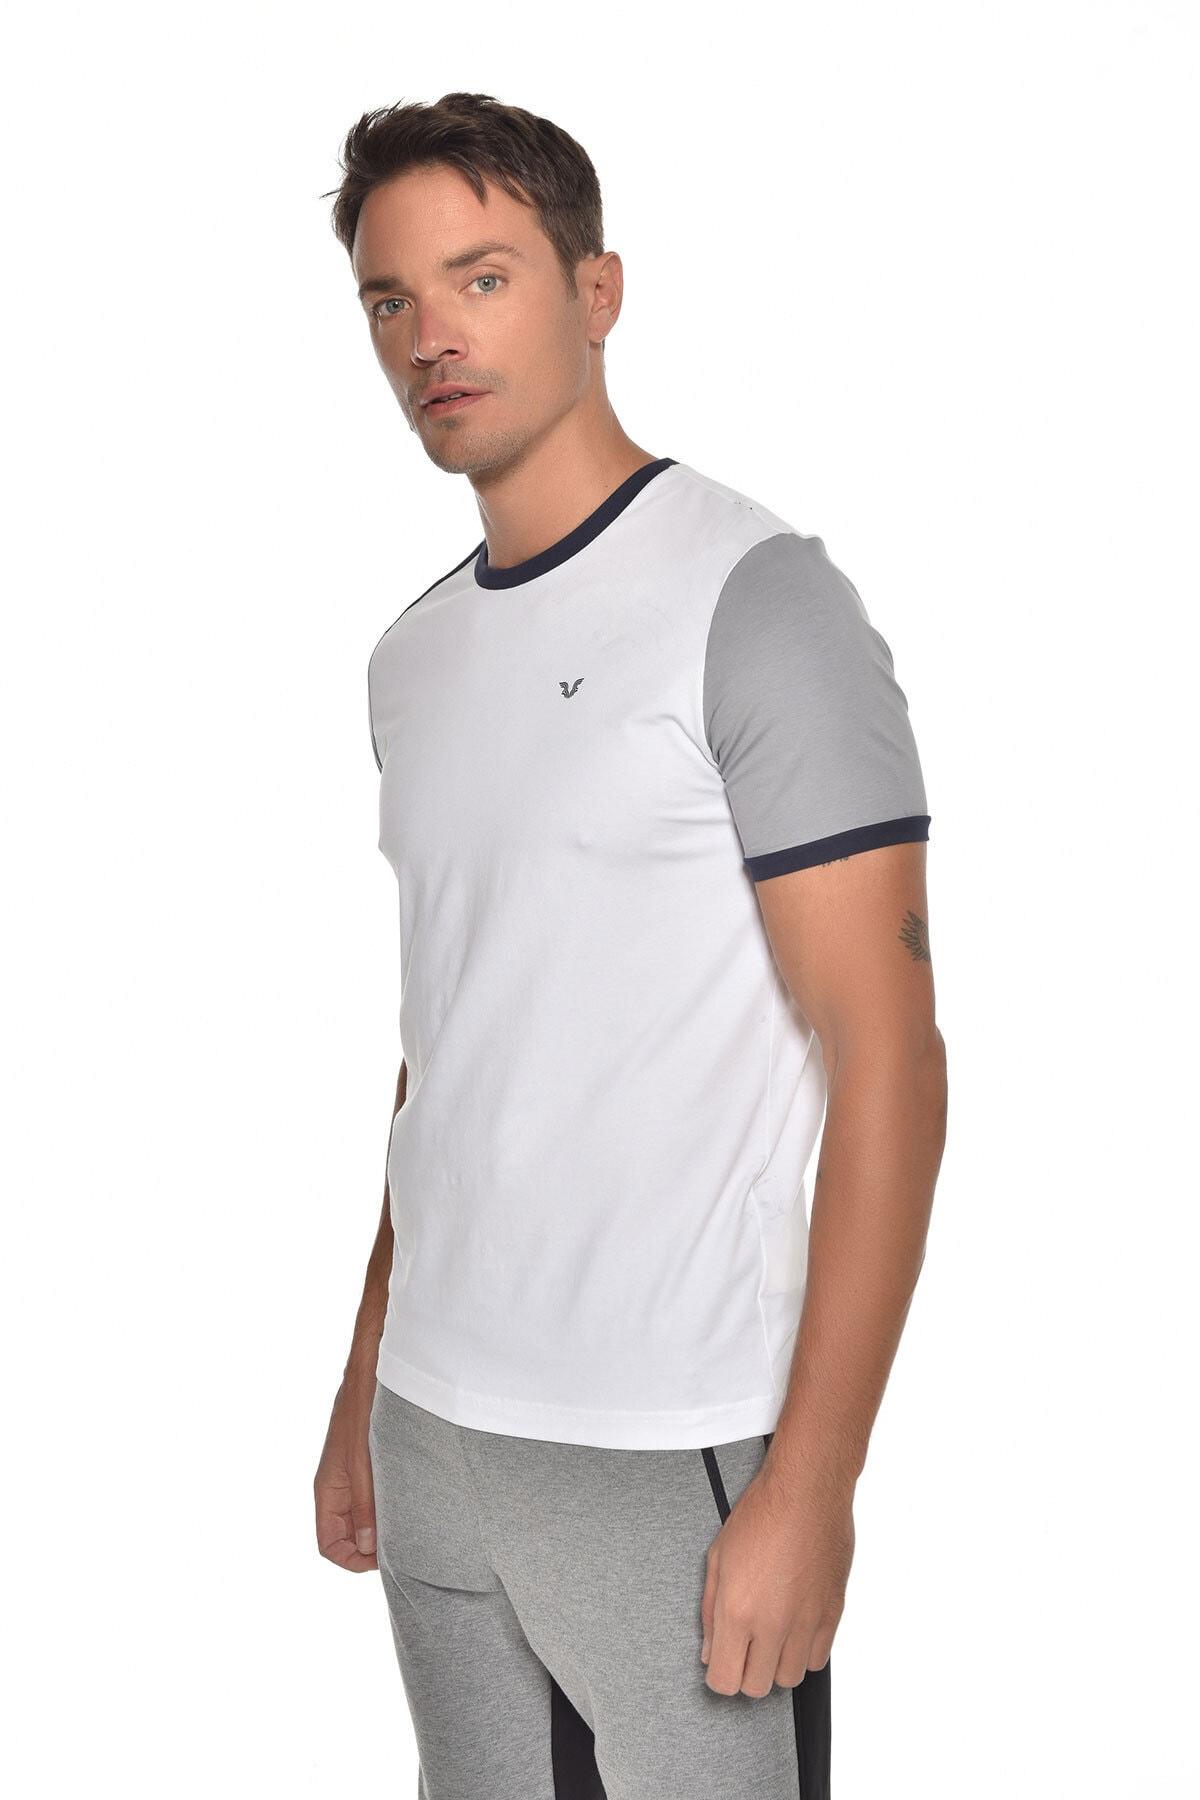 bilcee Beyaz Erkek Kısa Kol T-shirt Gw-9387 2